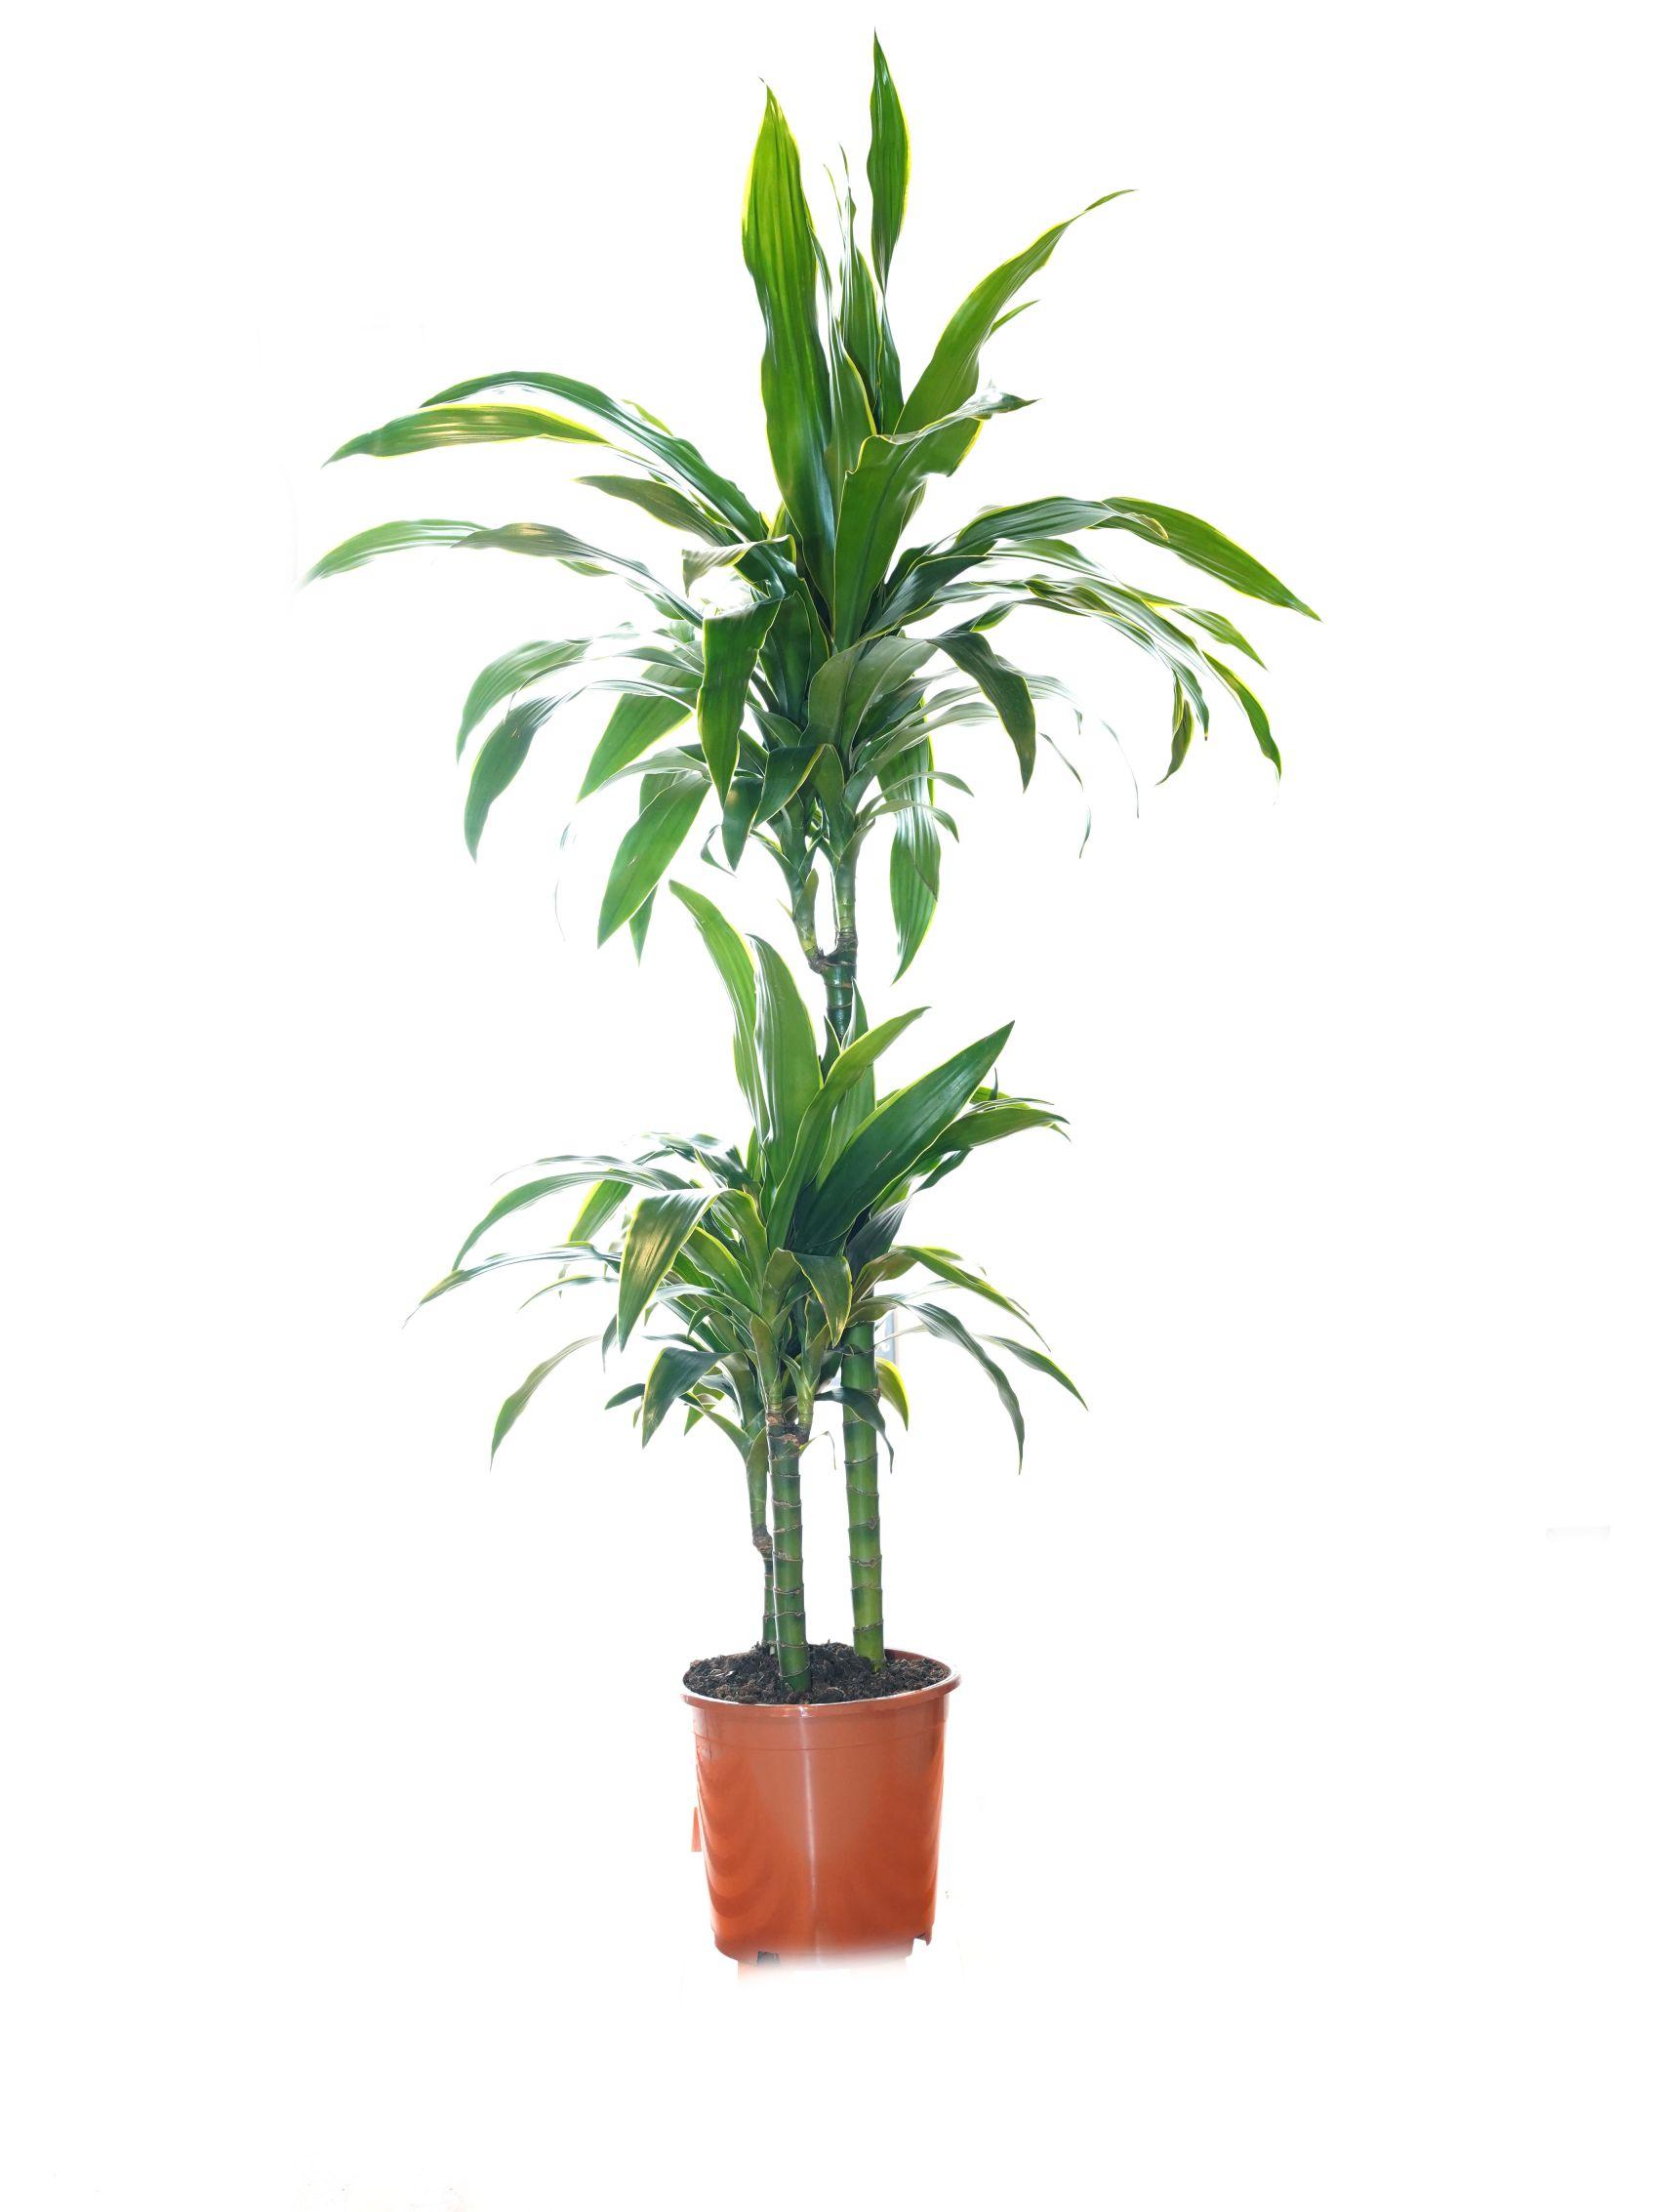 Dracaena J. Craig BLACK POT Indoor Plants